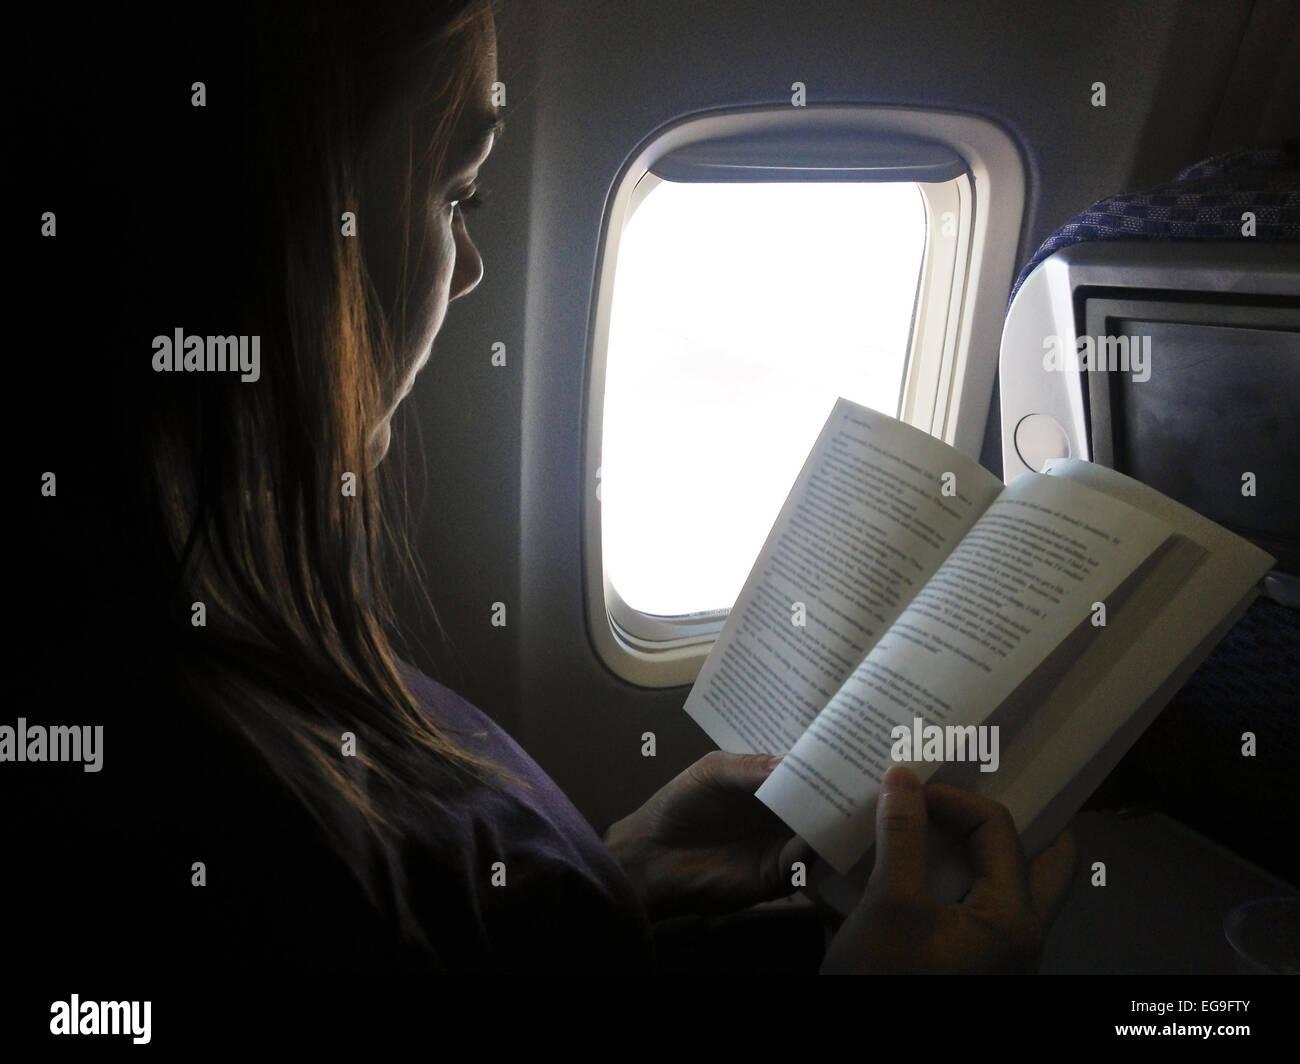 Mujer leyendo en el vuelo Imagen De Stock